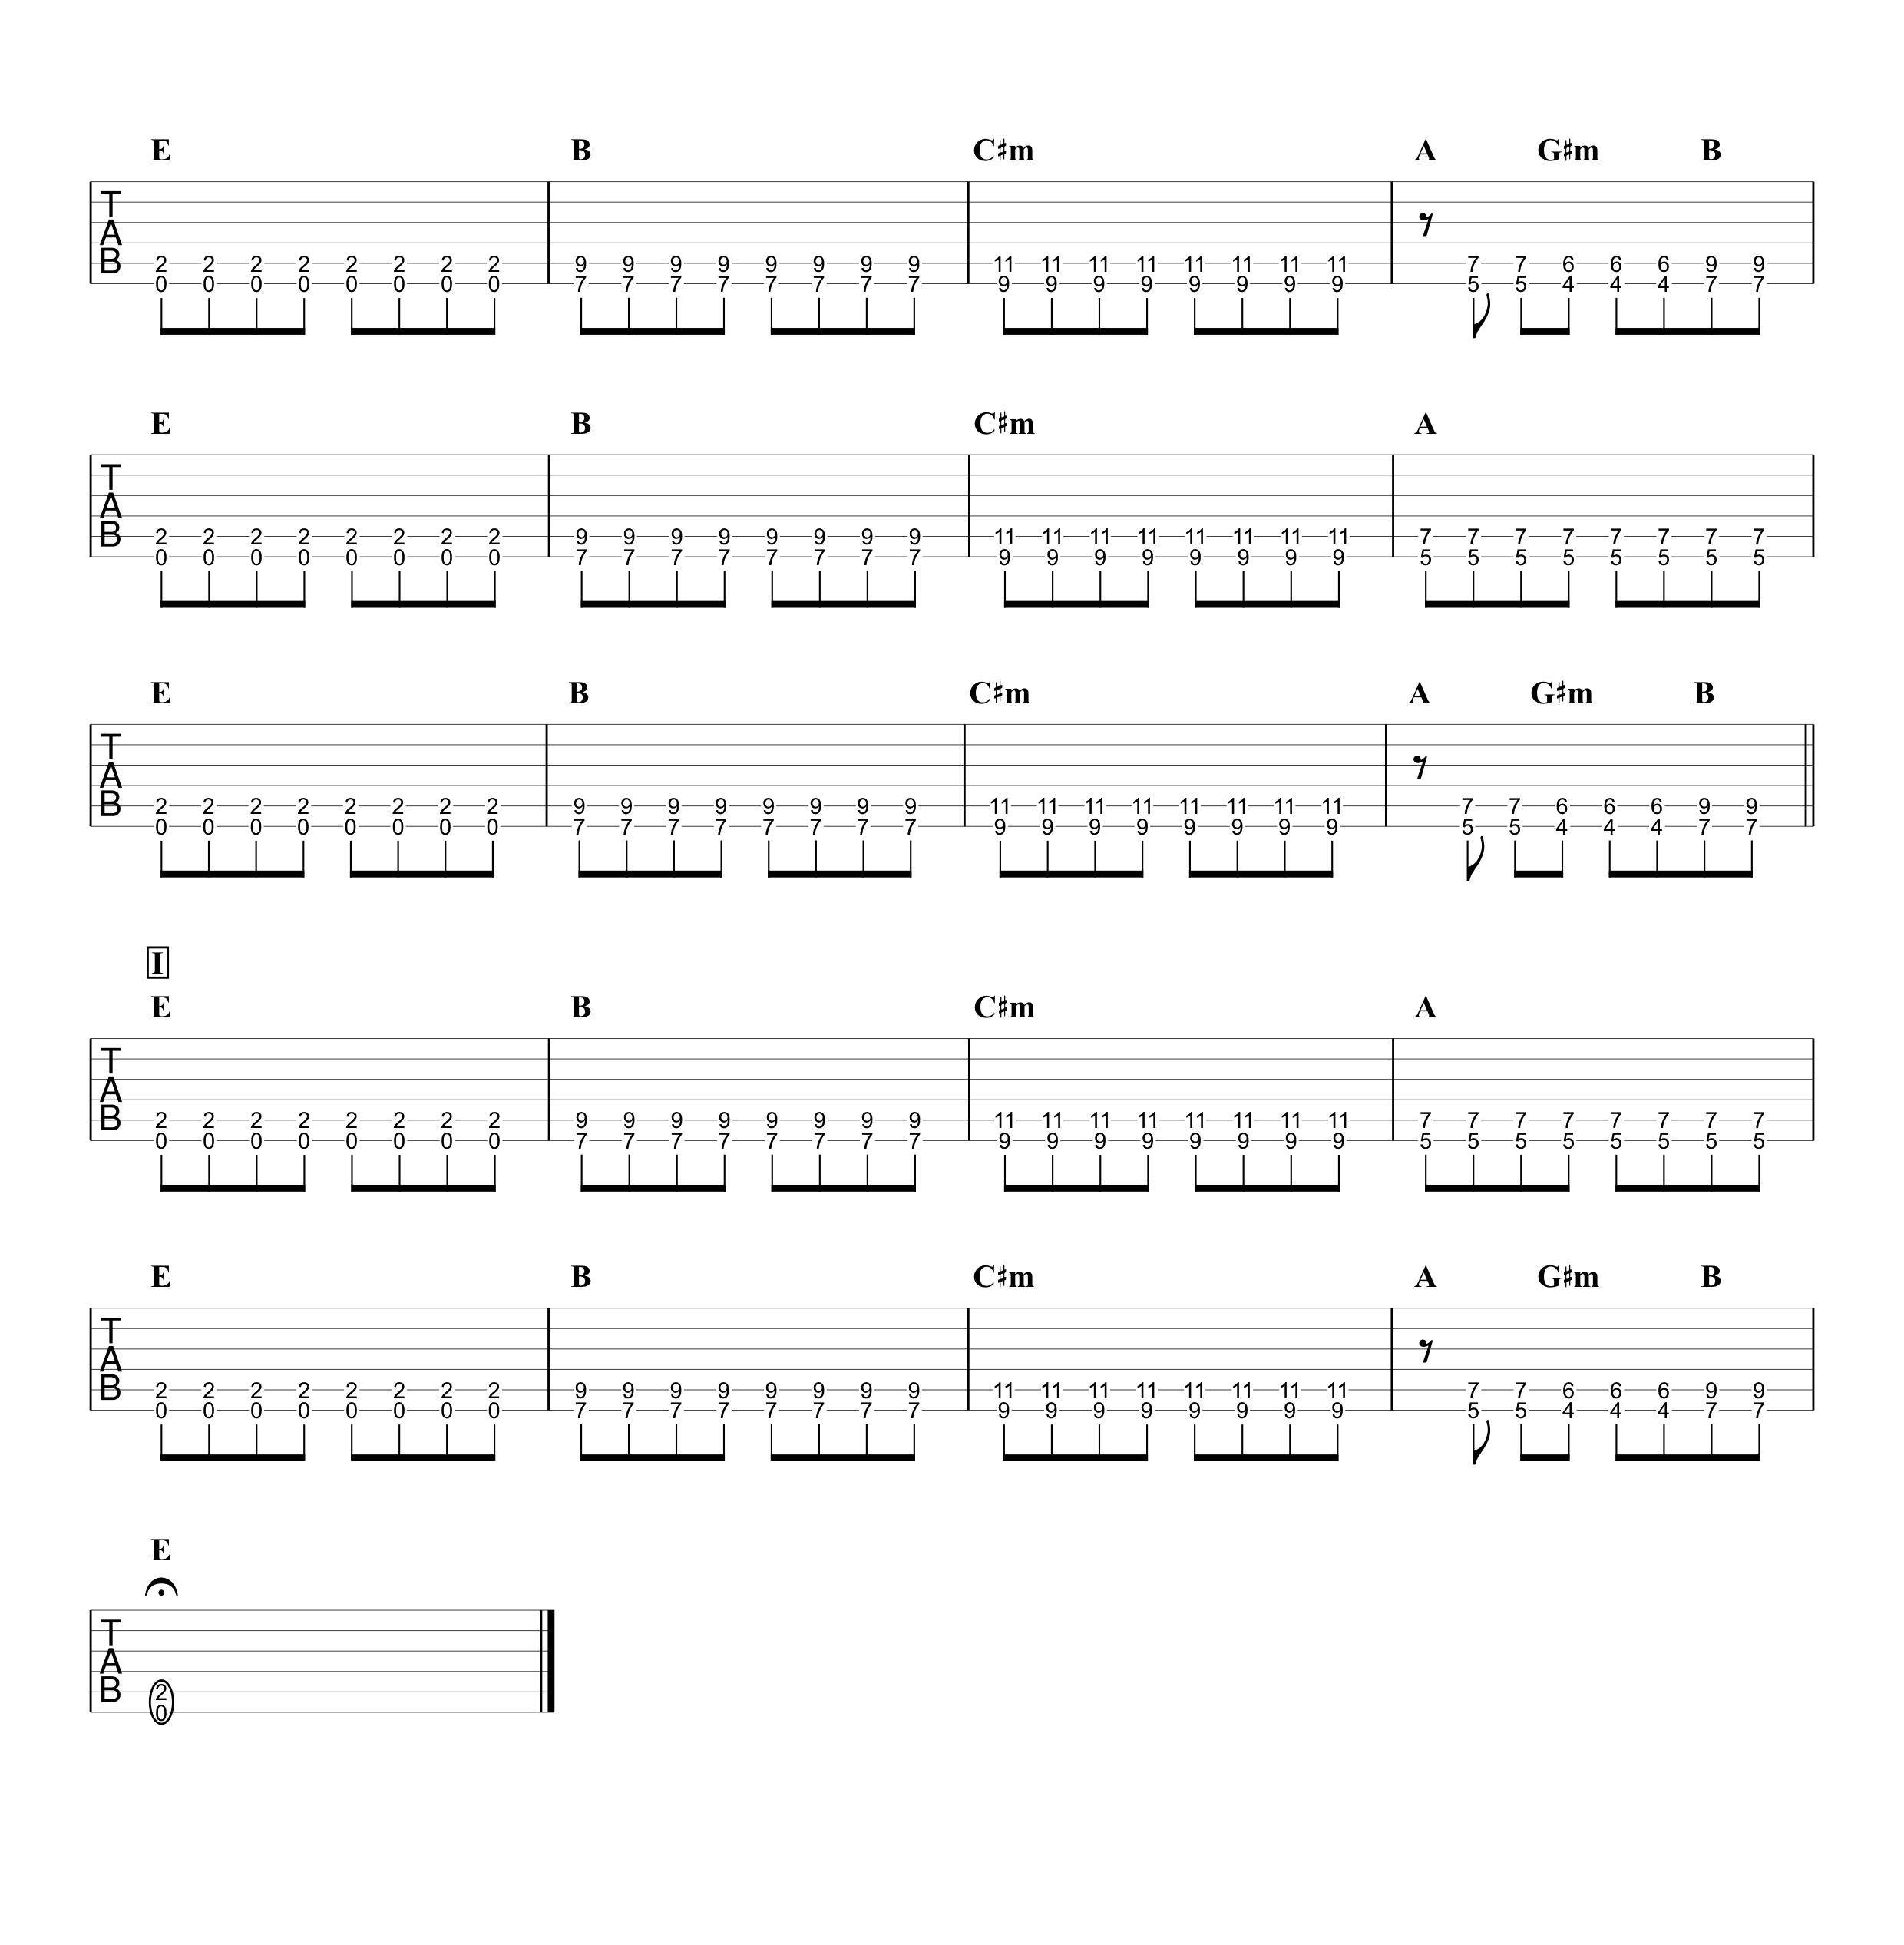 虹/ELLEGARDEN ギタータブ譜 ほぼパワーコードだけの簡単アレンジVer.03